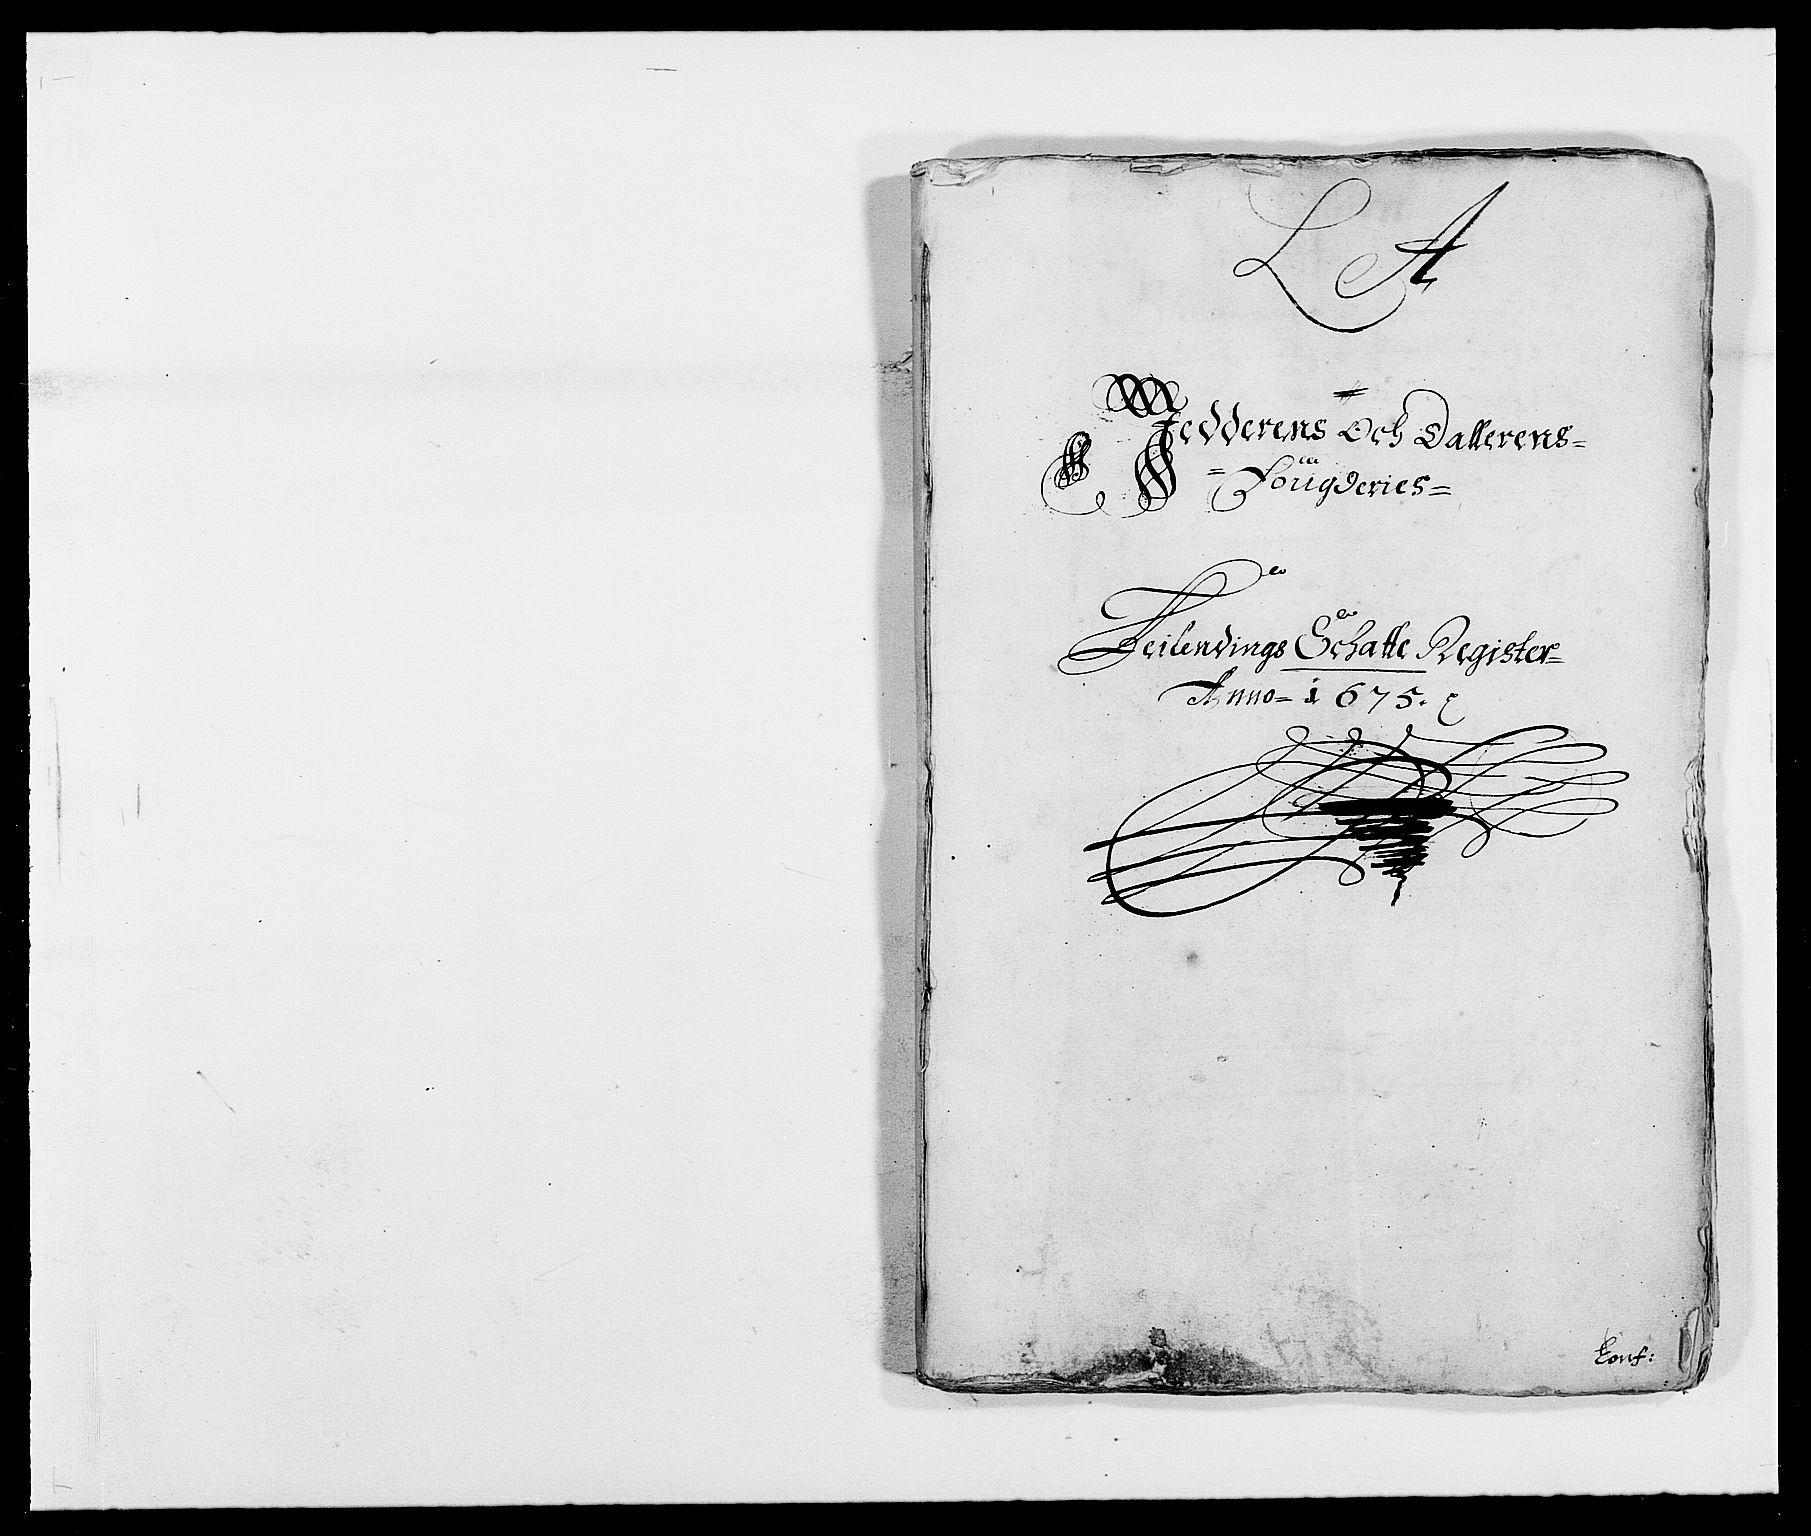 RA, Rentekammeret inntil 1814, Reviderte regnskaper, Fogderegnskap, R46/L2715: Fogderegnskap Jæren og Dalane, 1675, s. 13